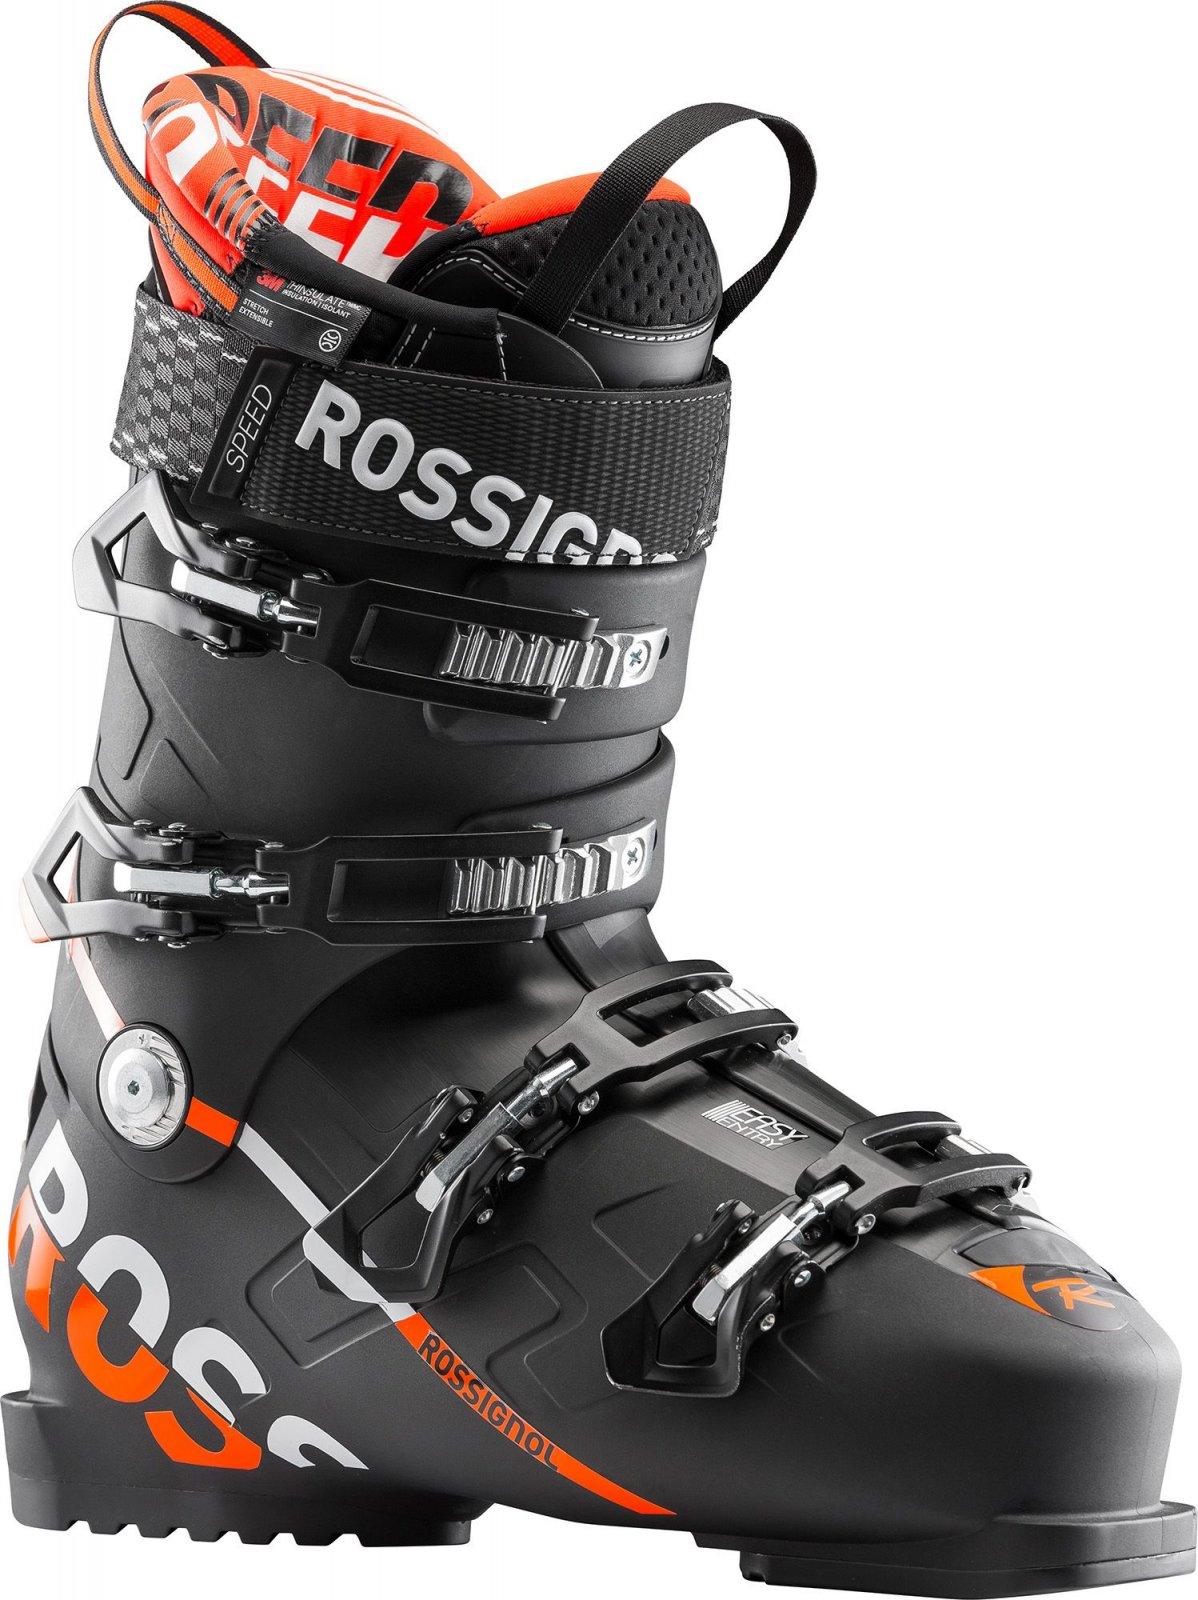 Rossignol Speed 120 Ski Boots (2019-20)